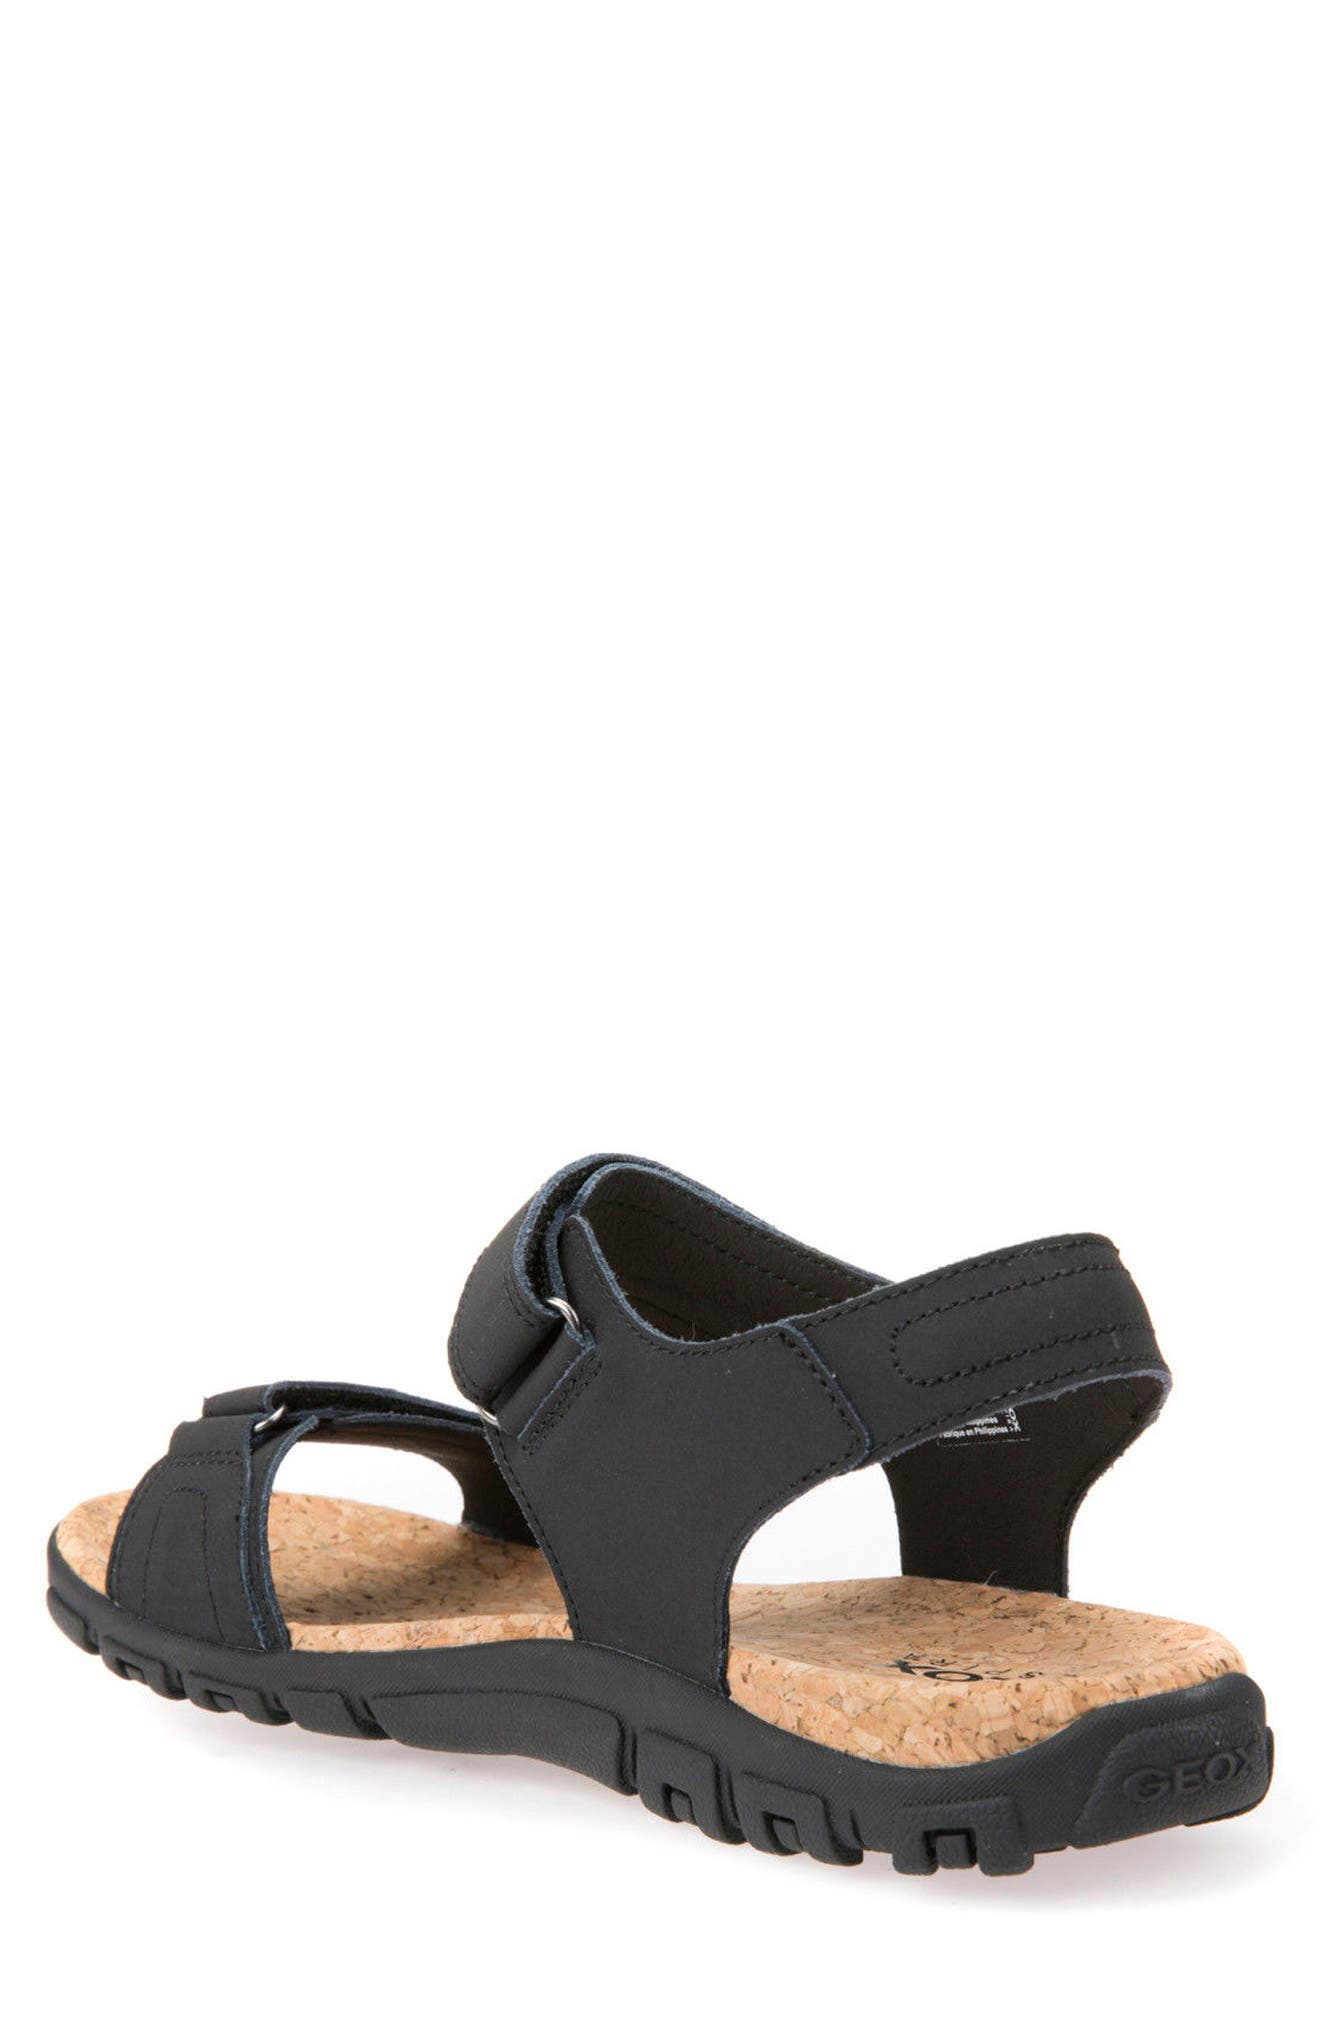 Strada 26 Sport Sandal,                             Alternate thumbnail 2, color,                             001